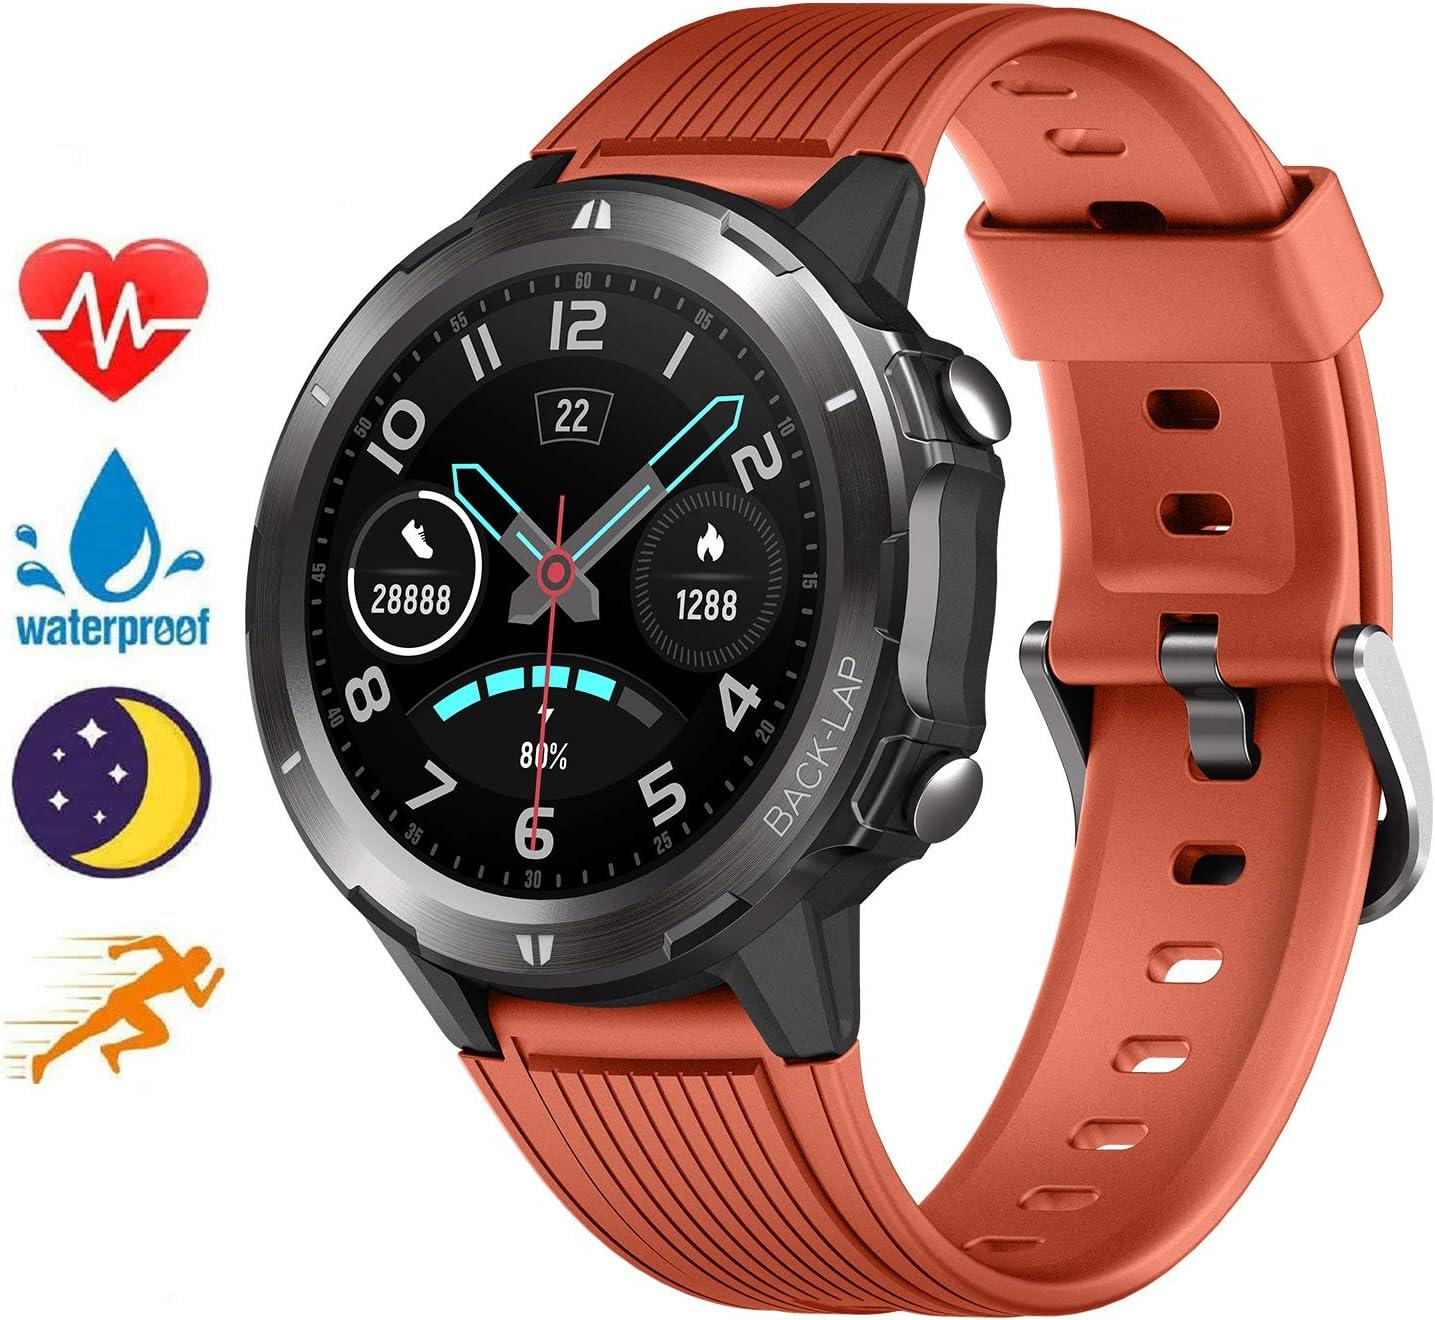 Blackview Smartwatch Fitness Tracker Watch Hombre Mujer,Rastreador de Actividad Podómetro Monitor de Sueño para Android iPhone Huawei Samsung Xiaomi Impermeable 5ATM Reloj Inteligente Deportivo